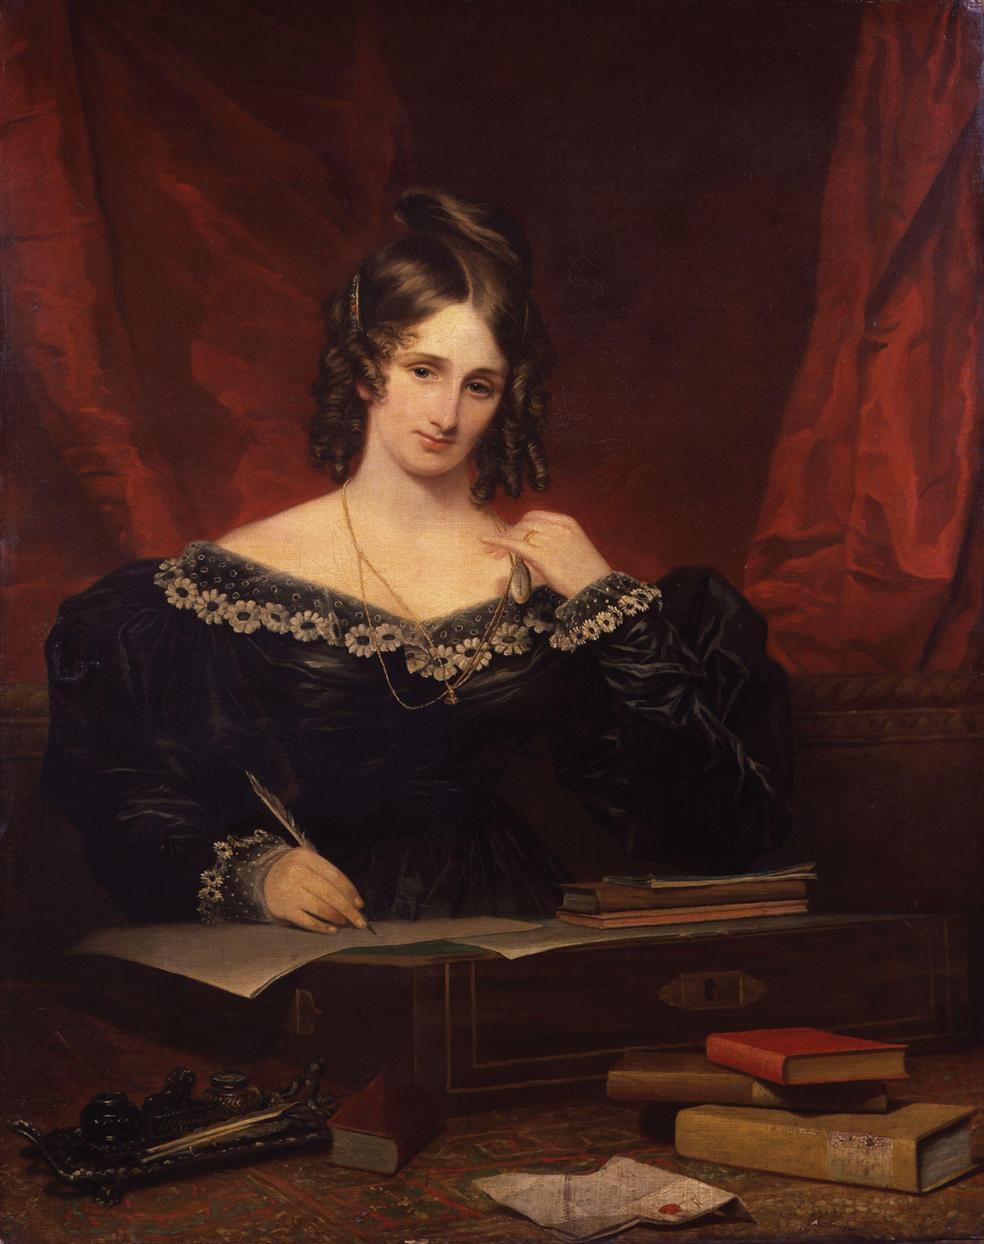 ייתכן כי הנשים העבריות שפרסמו בכתבי העת של תנועת ההשכלה קיבלו השראה מתופעה שהחלה להתפתח באירופה בשלהי המאה ה־18 ובעיקר במאה ה־19 — נשים סופרות. הסופרת הבריטית מרי וולסטונקרפט שלי — בתה של מרי וולסטונקרפט הנחשבת להוגה הפמיניסטית הראשונה בהיסטוריה — ידועה בעיקר בזכות ספרה 'פרנקנשטיין'. שמן על בד, 1830